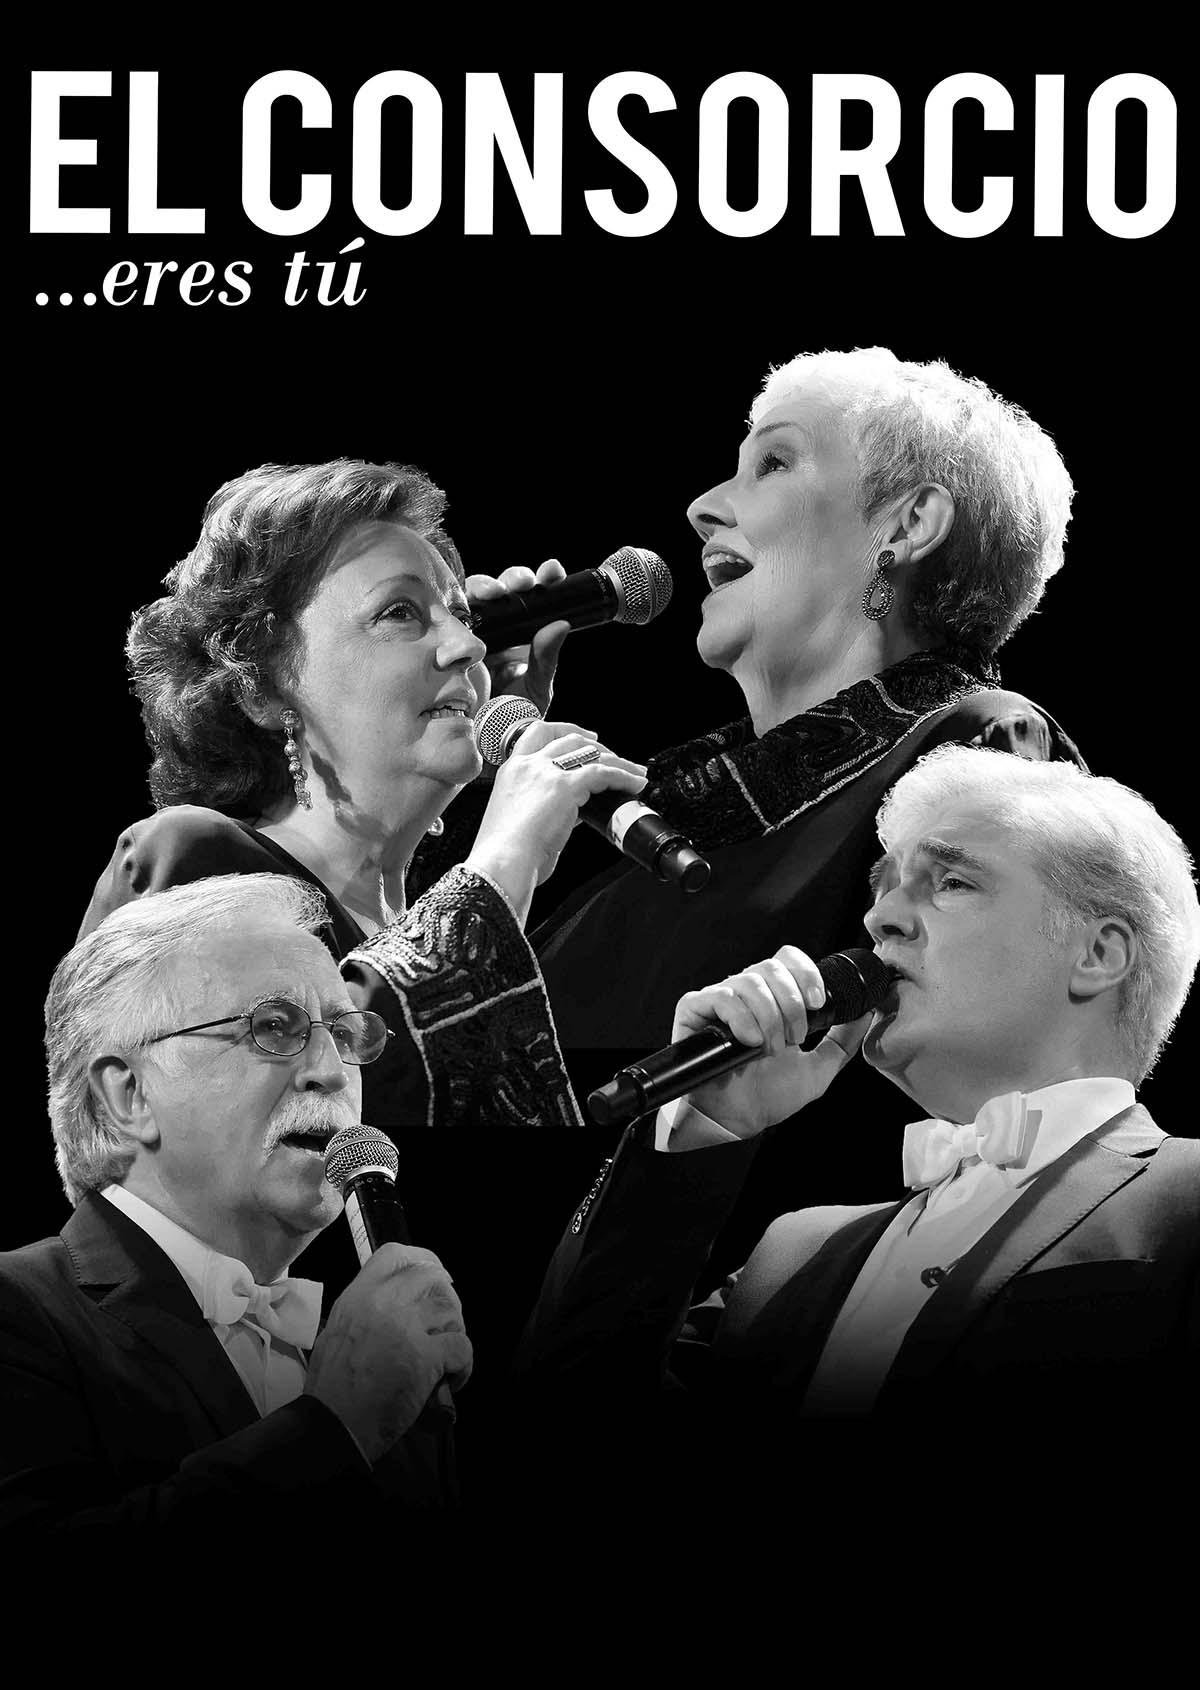 El Consorcio llega a Tenerife con su gira 'Eres tú…' de grandes éxitos